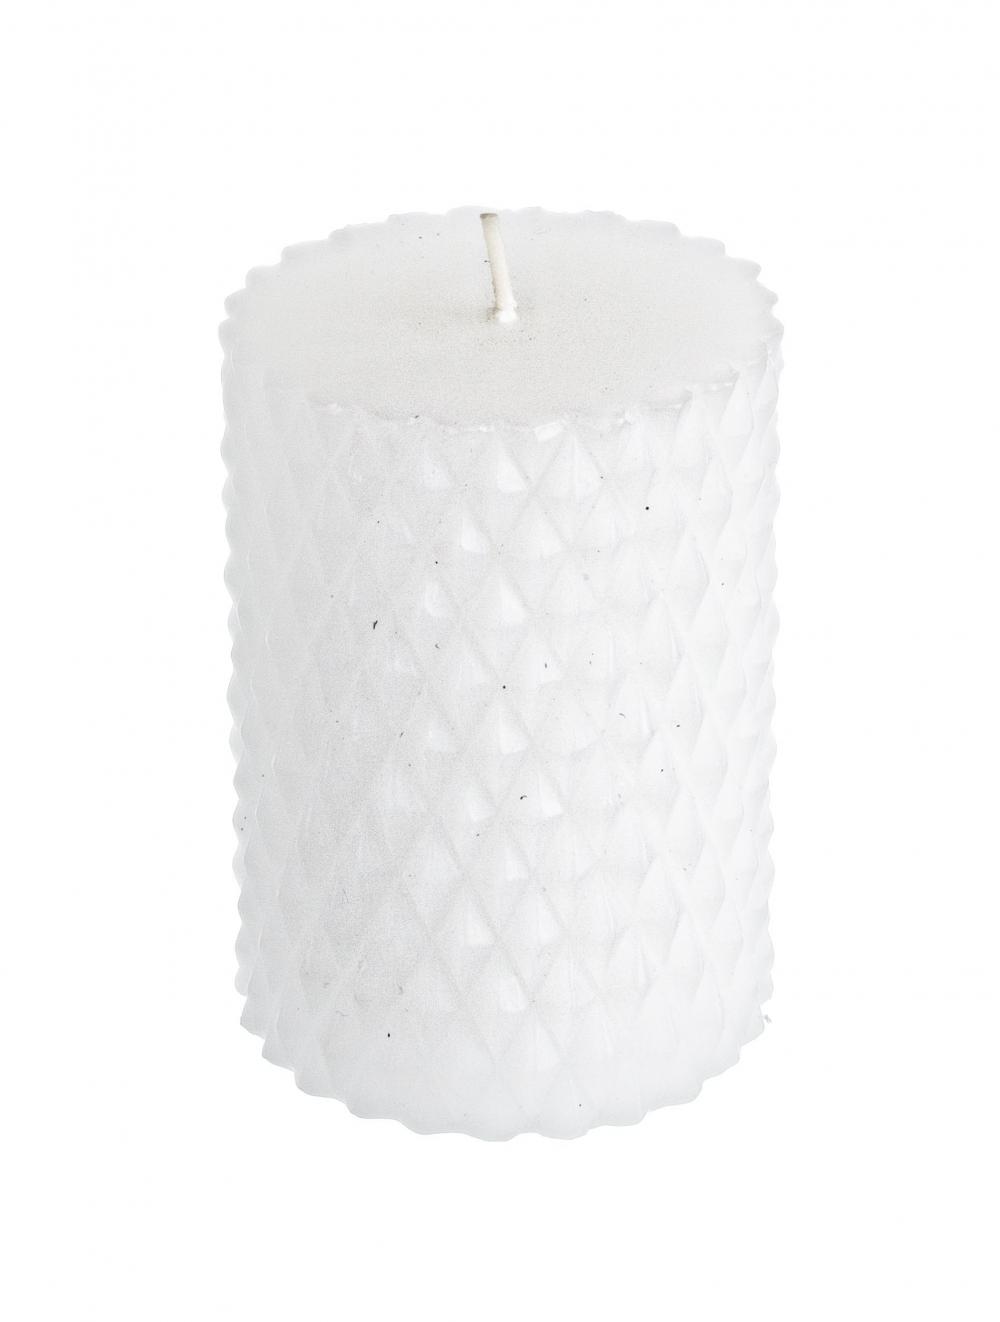 Lumanare decorativa Zoraide alb imagine 2021 insignis.ro